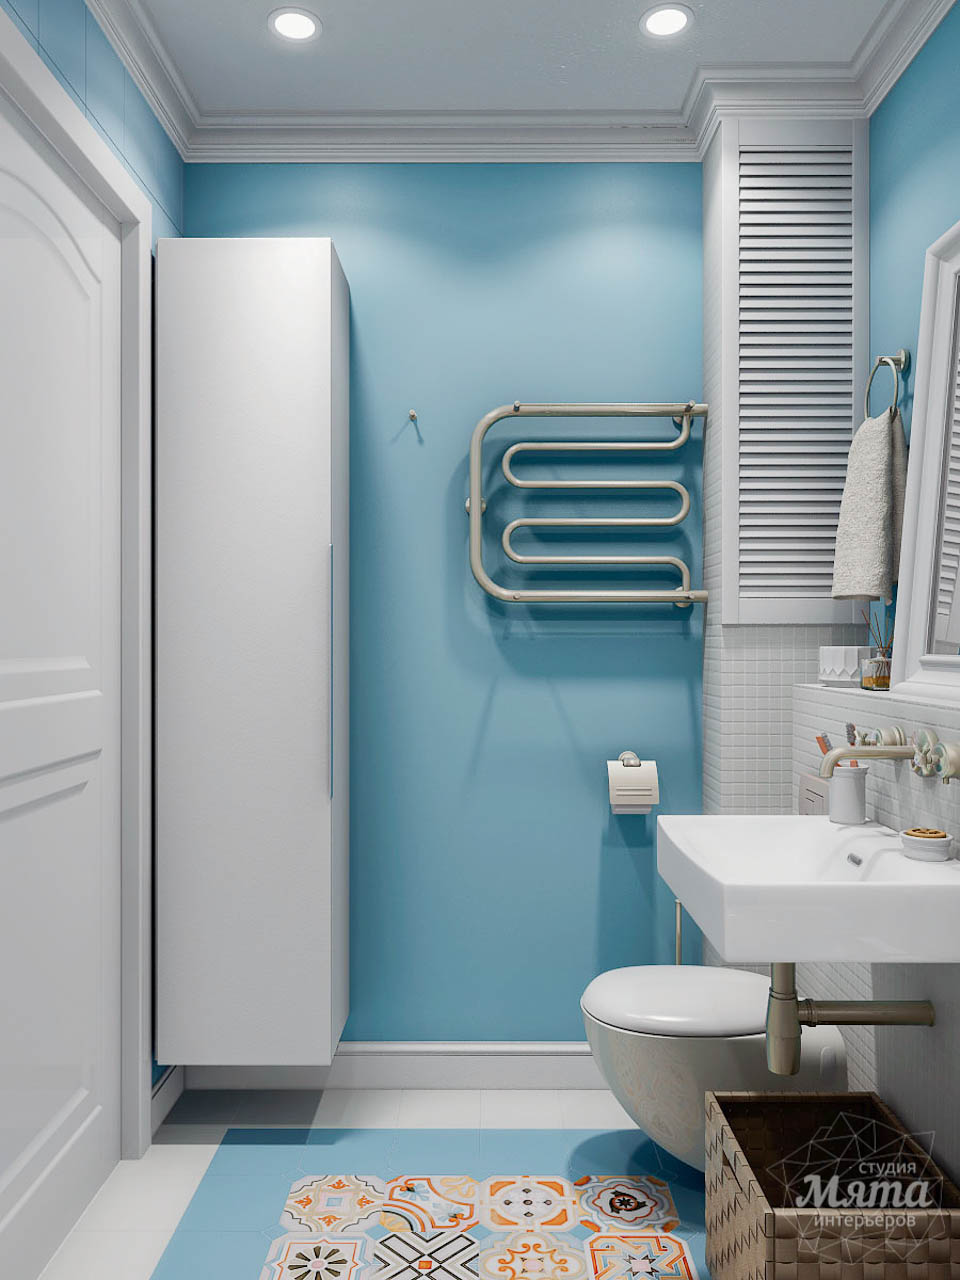 Дизайн интерьера однокомнатной квартиры по ул. Мичурина 231 img1620618264